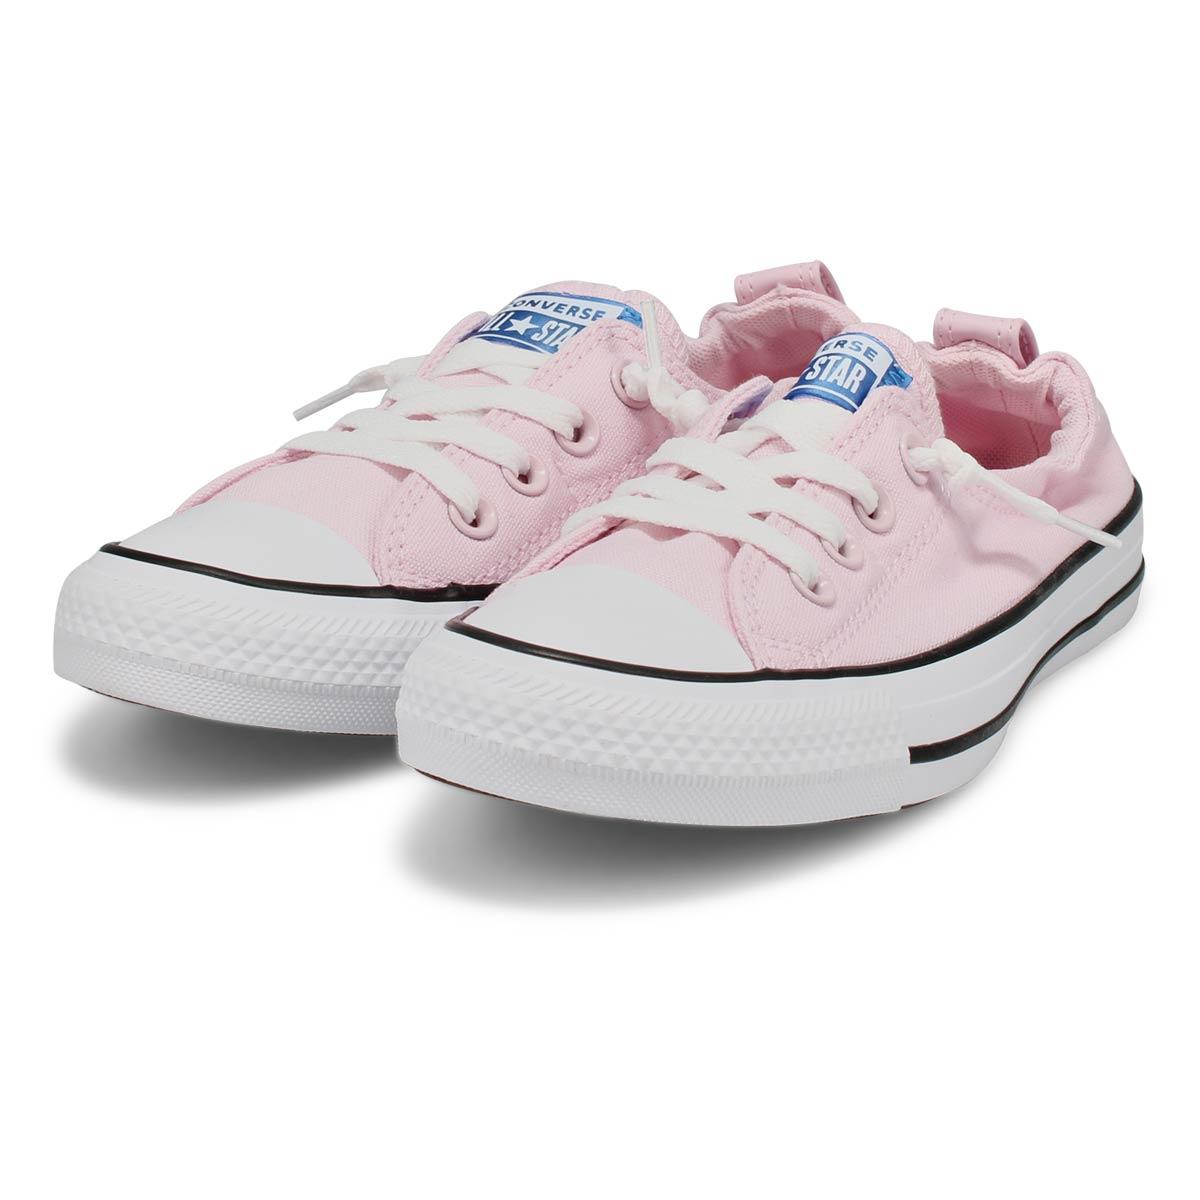 Women's All Star Shoreline Sneaker- Pink Foam